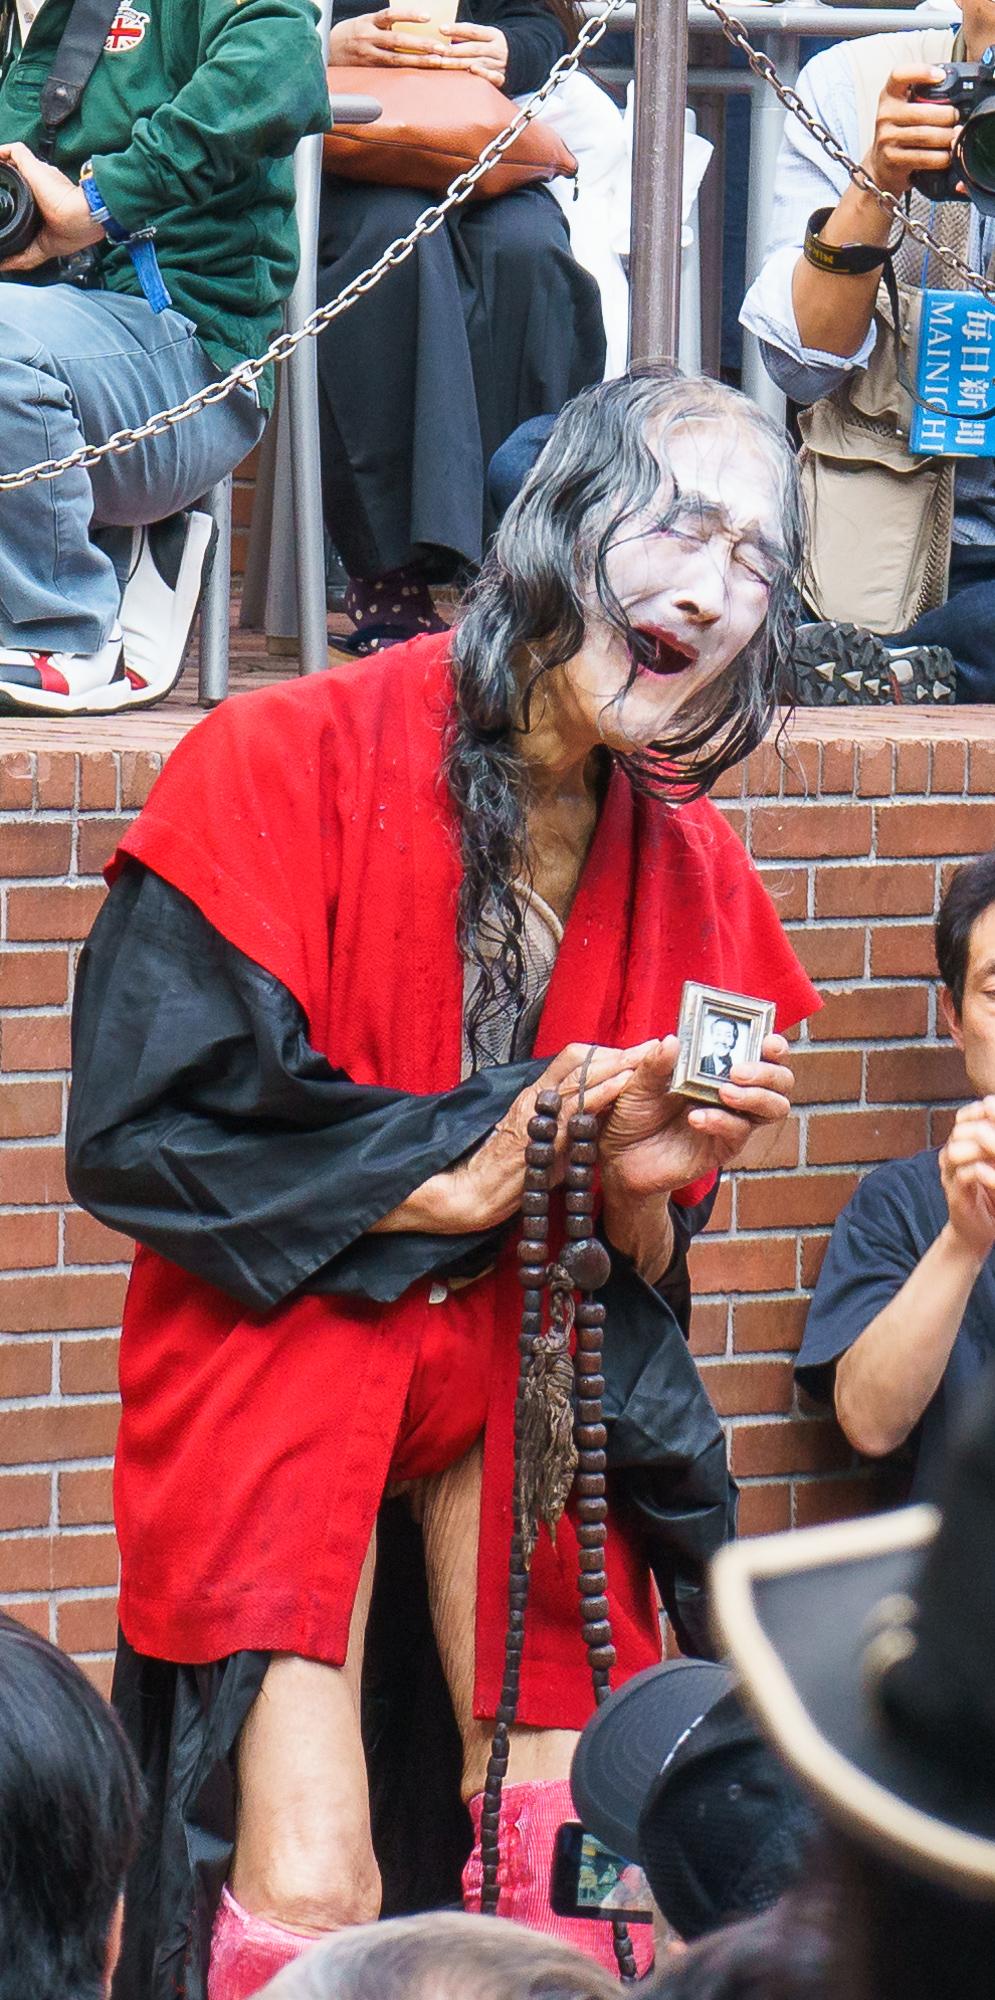 大道芸人 ギリヤーク尼ヶ崎さん87歳の青空舞踊公演 新宿三井ビル「55ひろば」